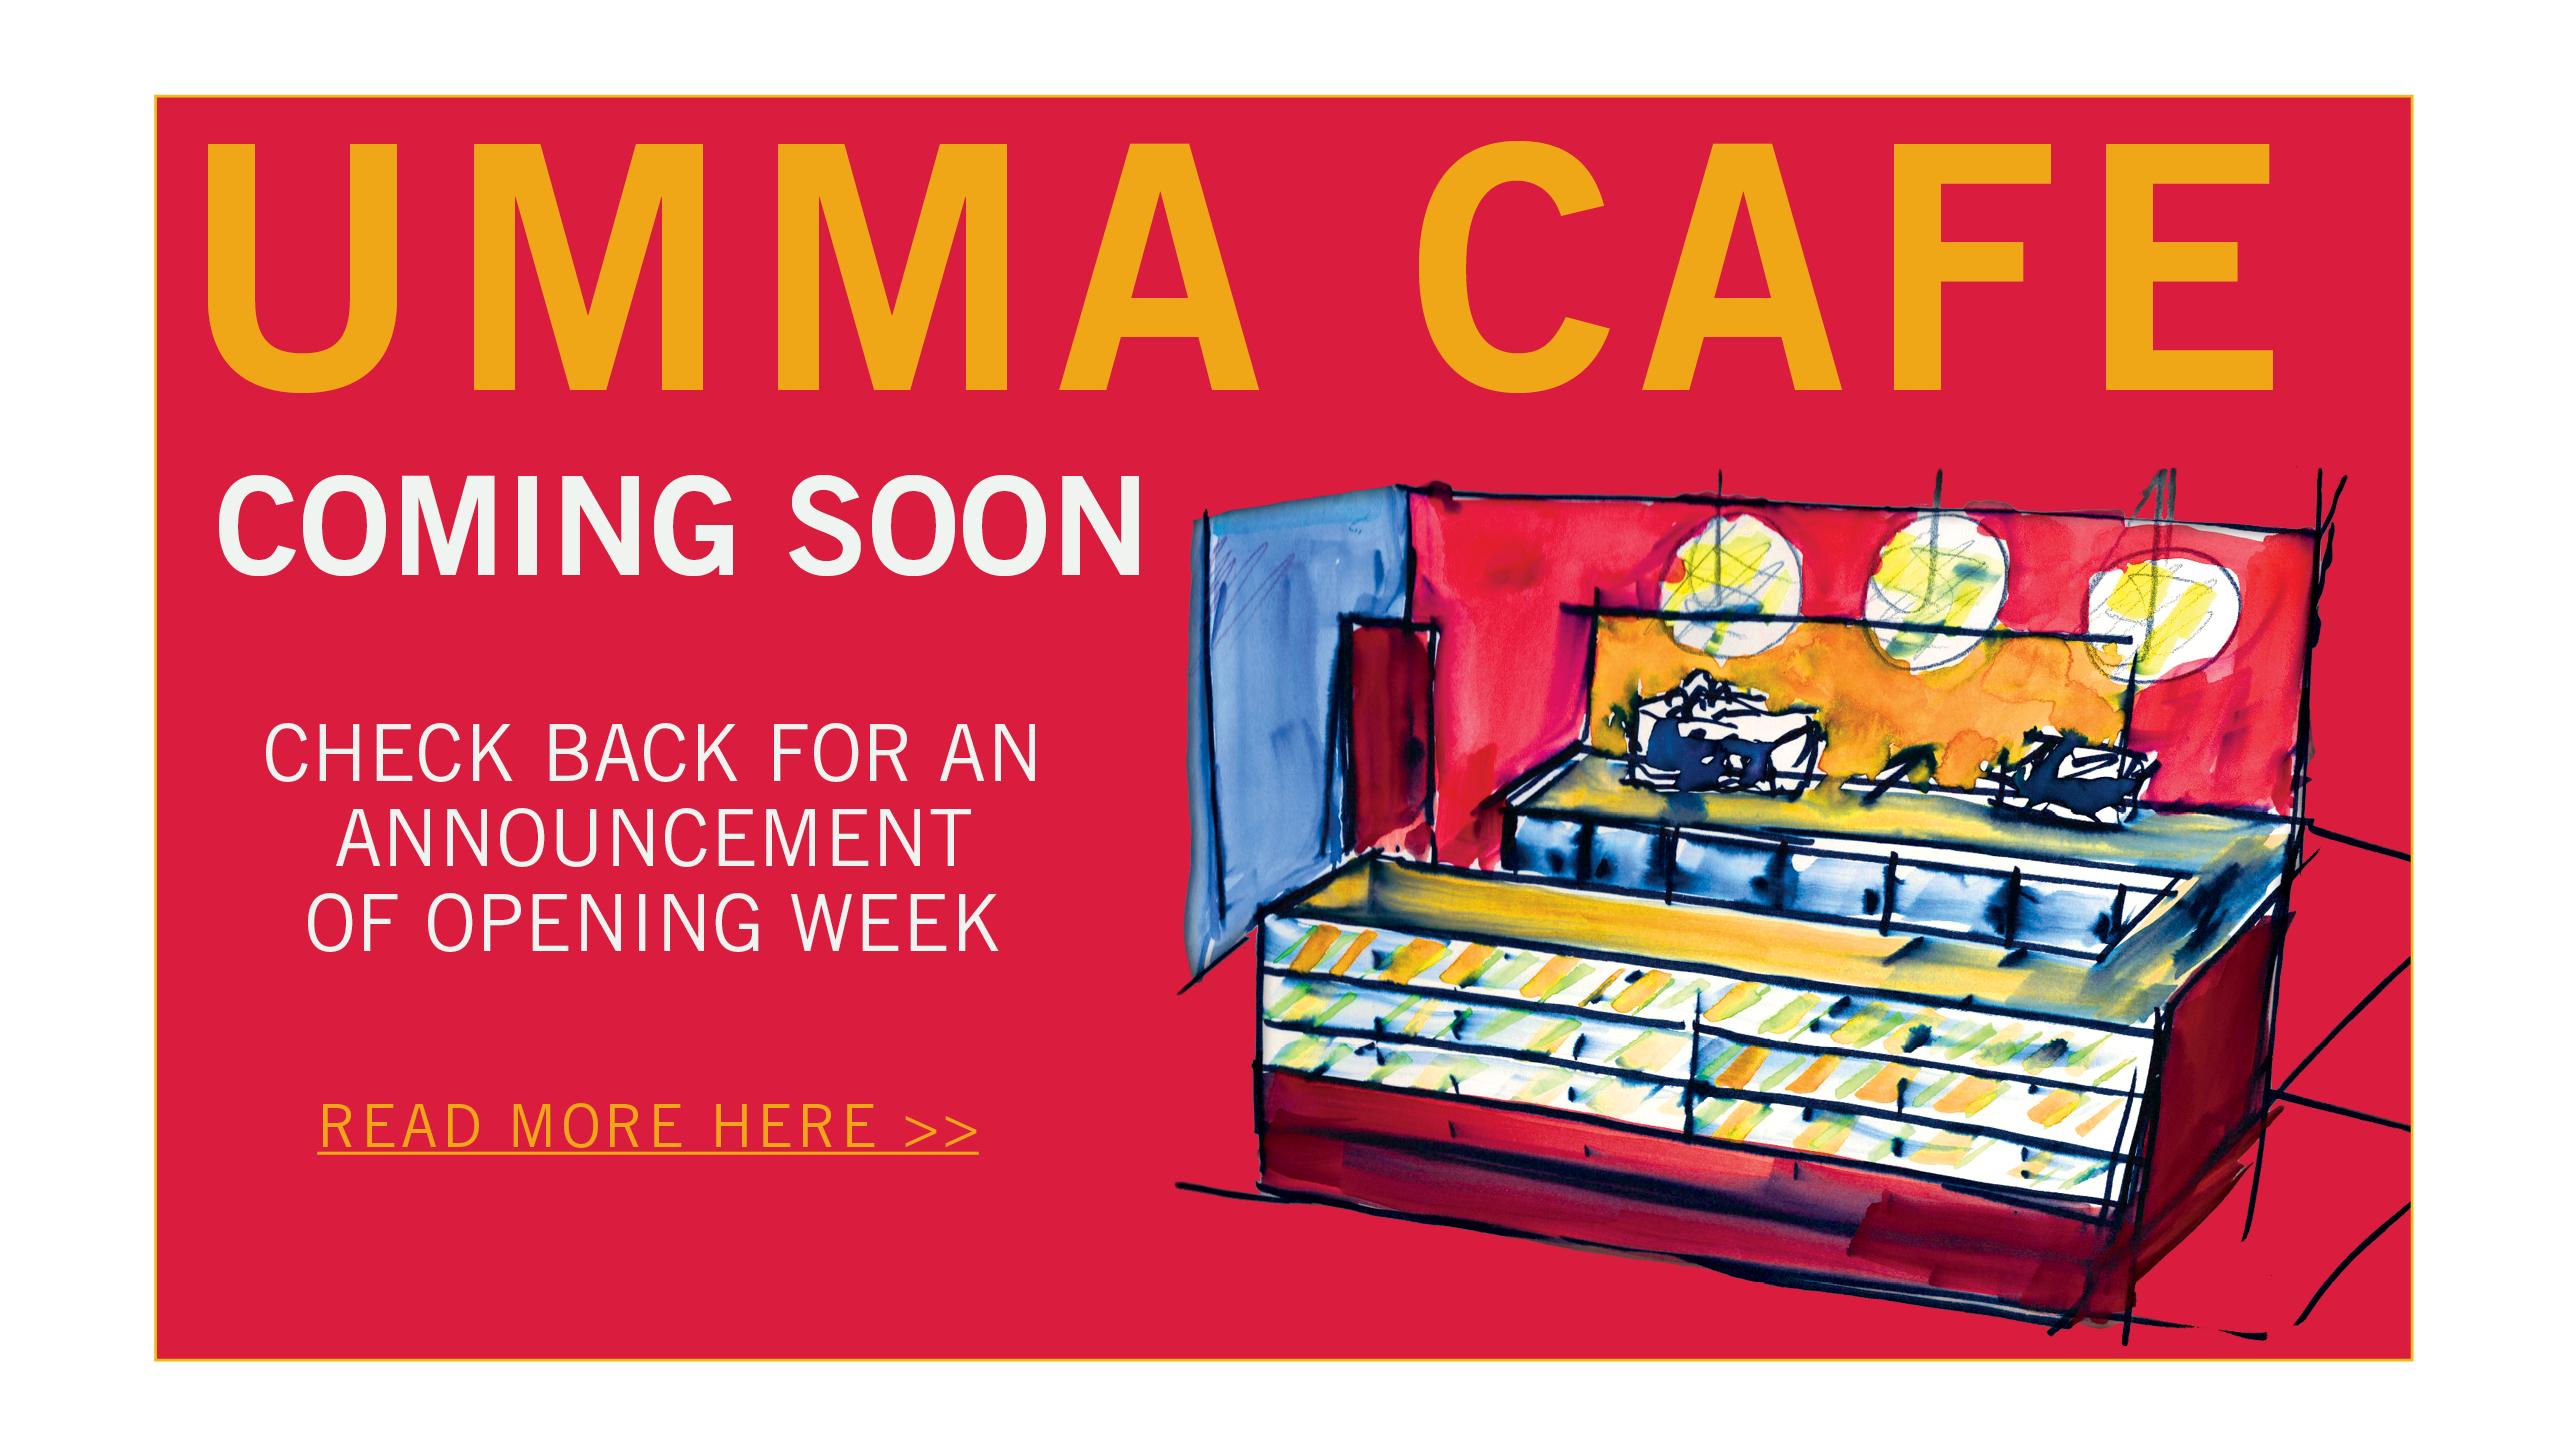 UMMA Cafe coming soon!